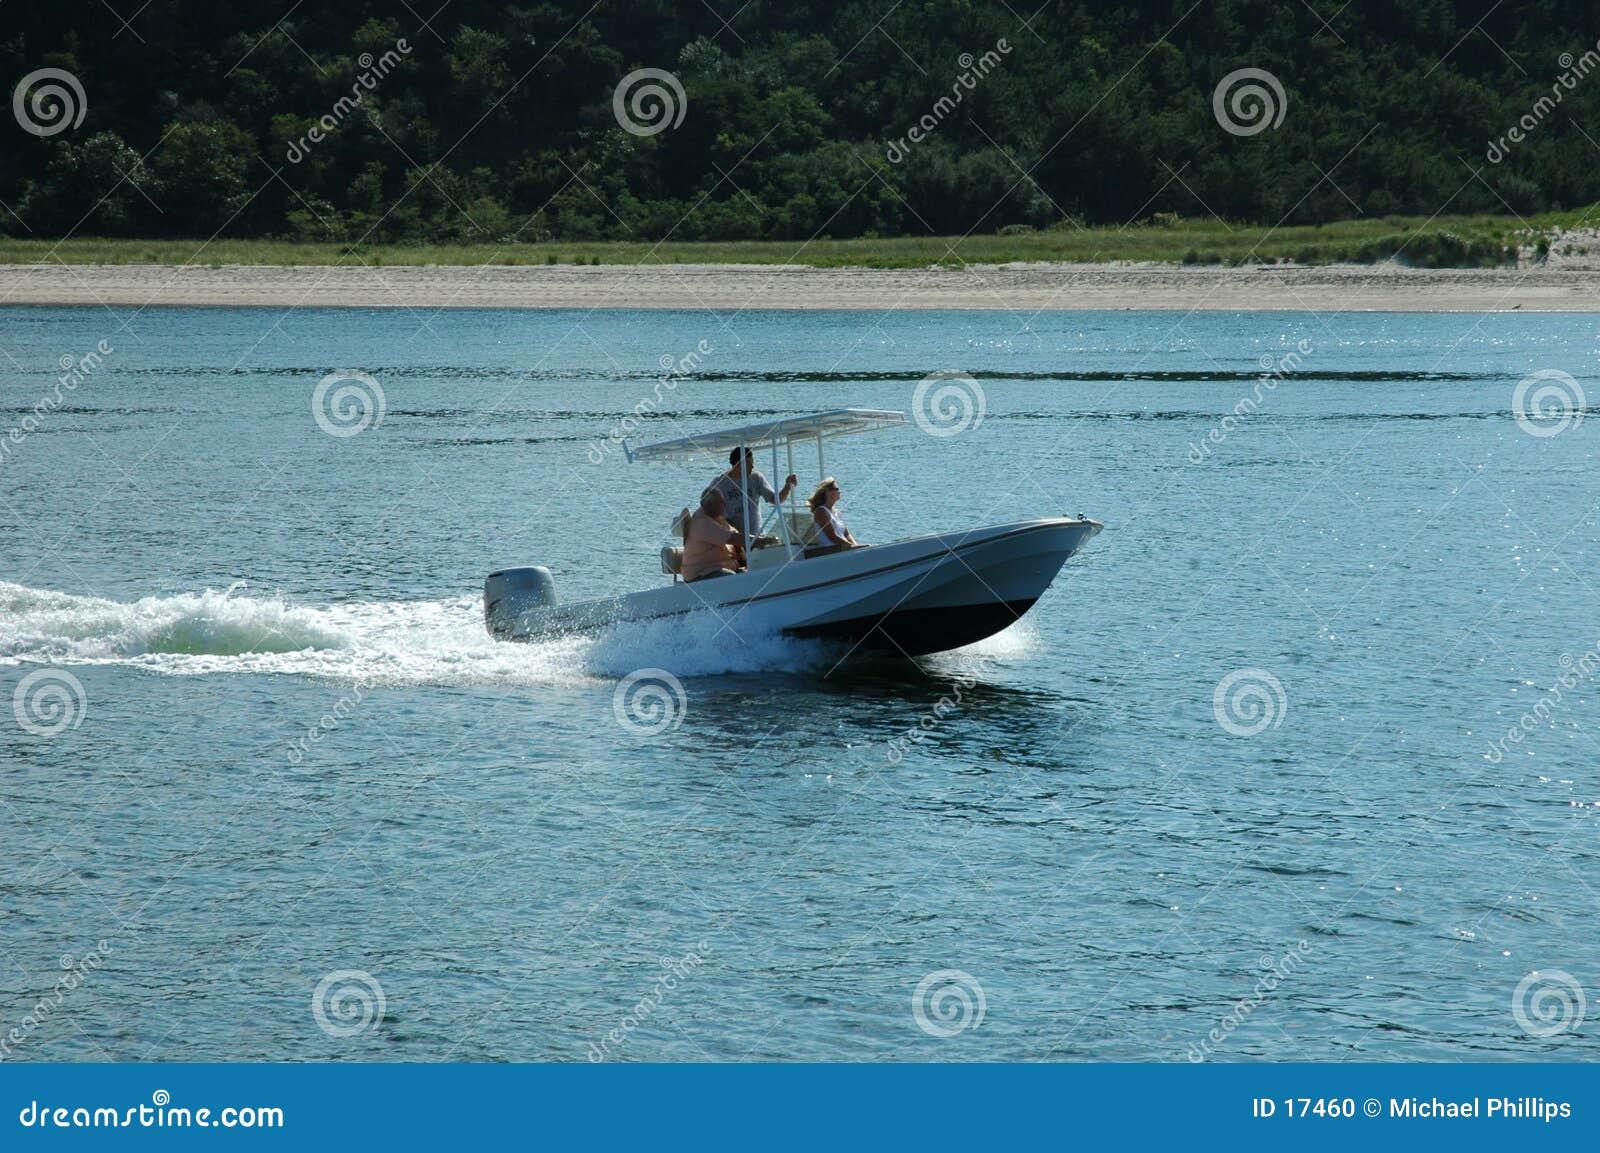 BoatLeavingHarbor